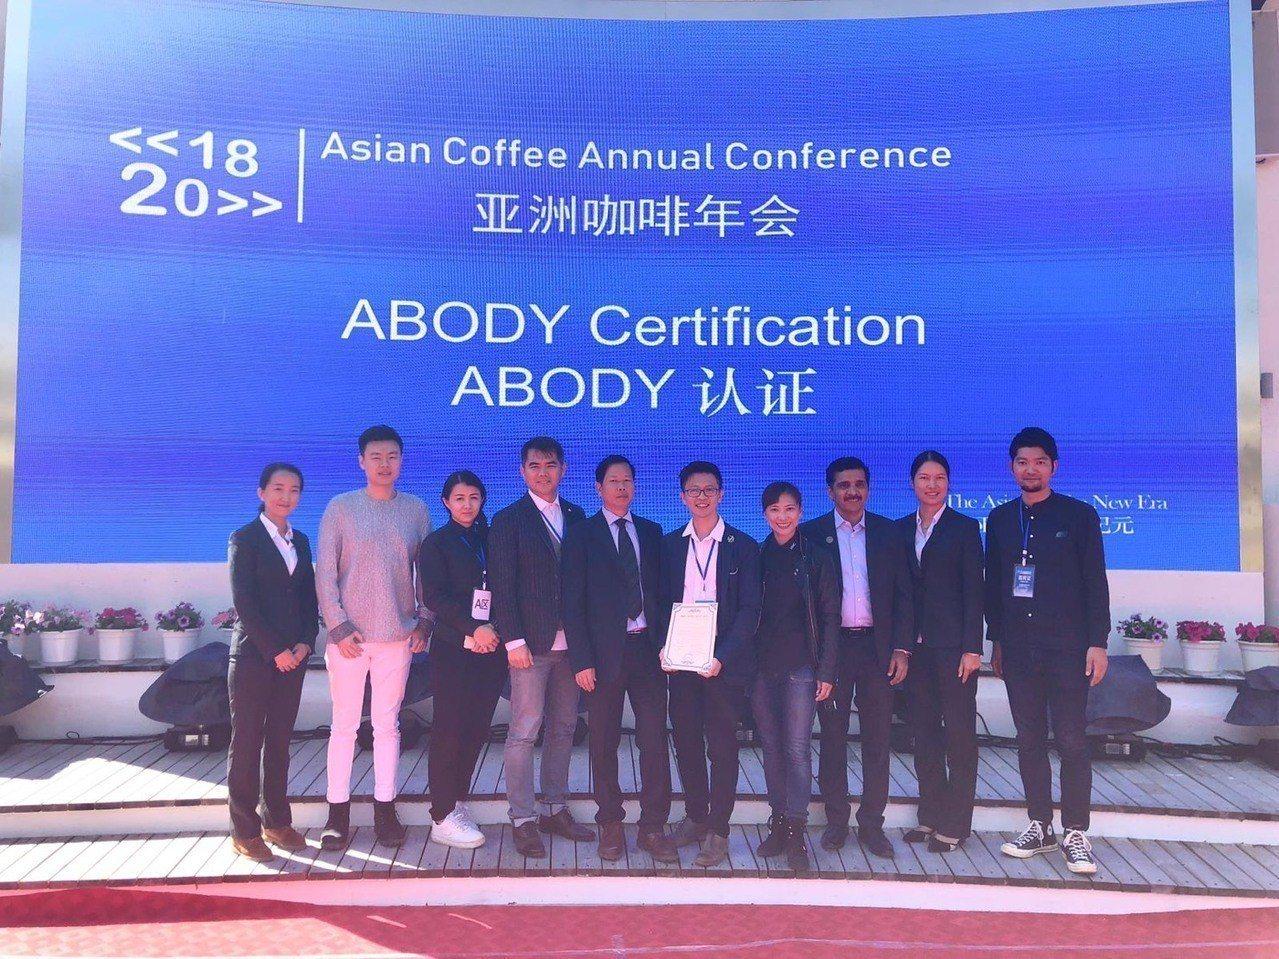 亞洲咖啡年會評審團這次針對來自7個國家、不同地區的31份咖啡生豆樣品品質進行Ab...